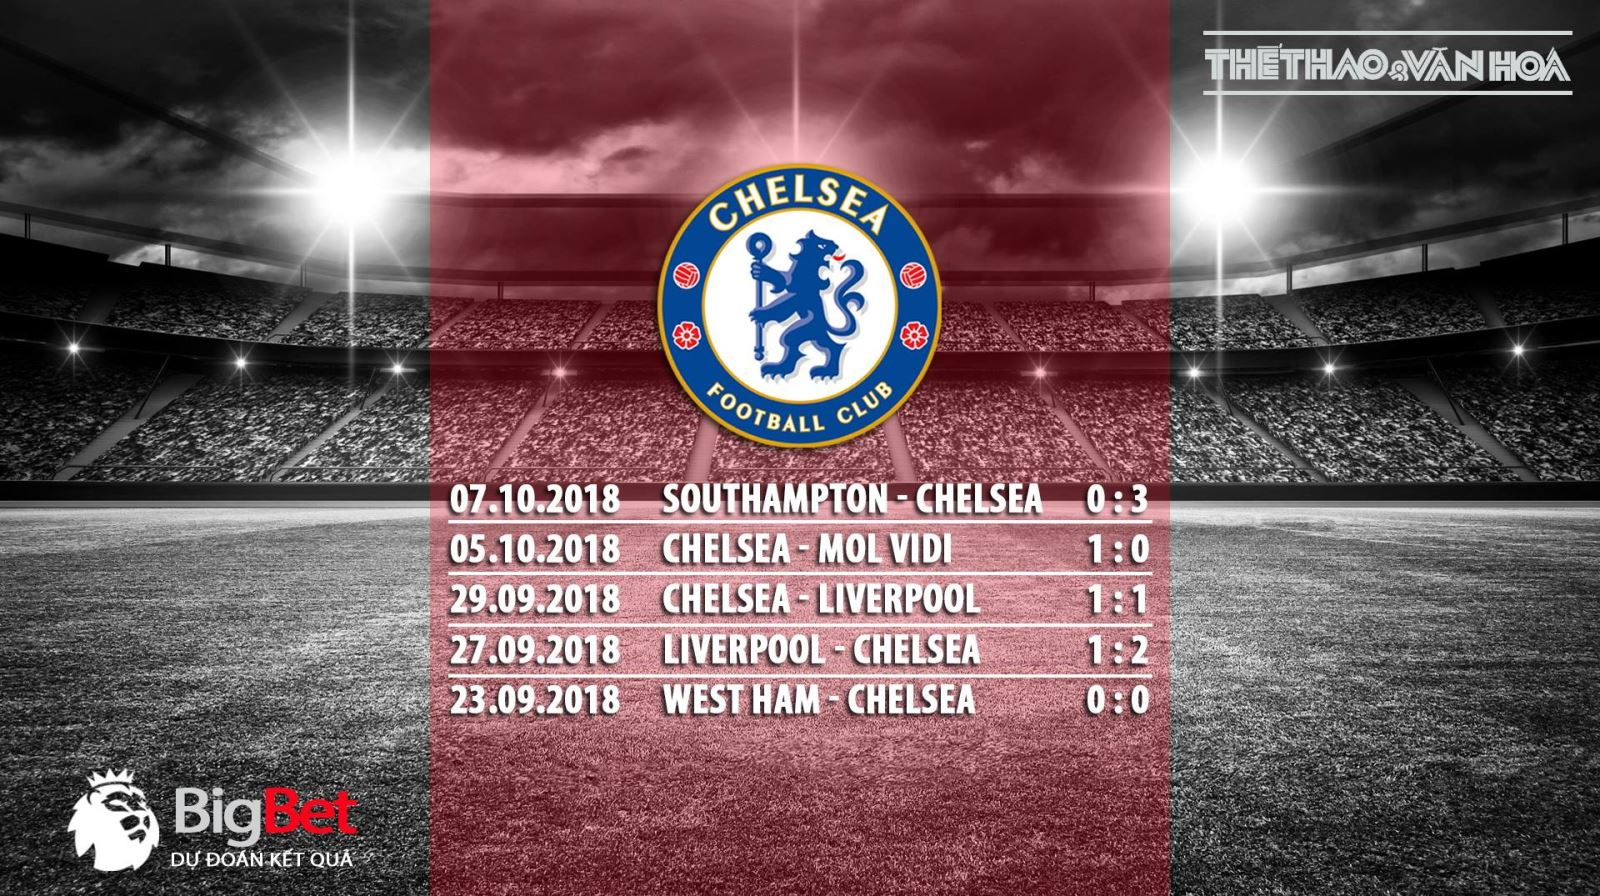 MU, Kèo MU vs Chelsea, Soi kèo MU, Soi kèo Chelsea, Dự đoán bóng đá, Trực tiếp MU vs Chelsea, nhận định MU, link xem trực tiếp MU vs Chelsea, truc tiep bong da, Chelsea